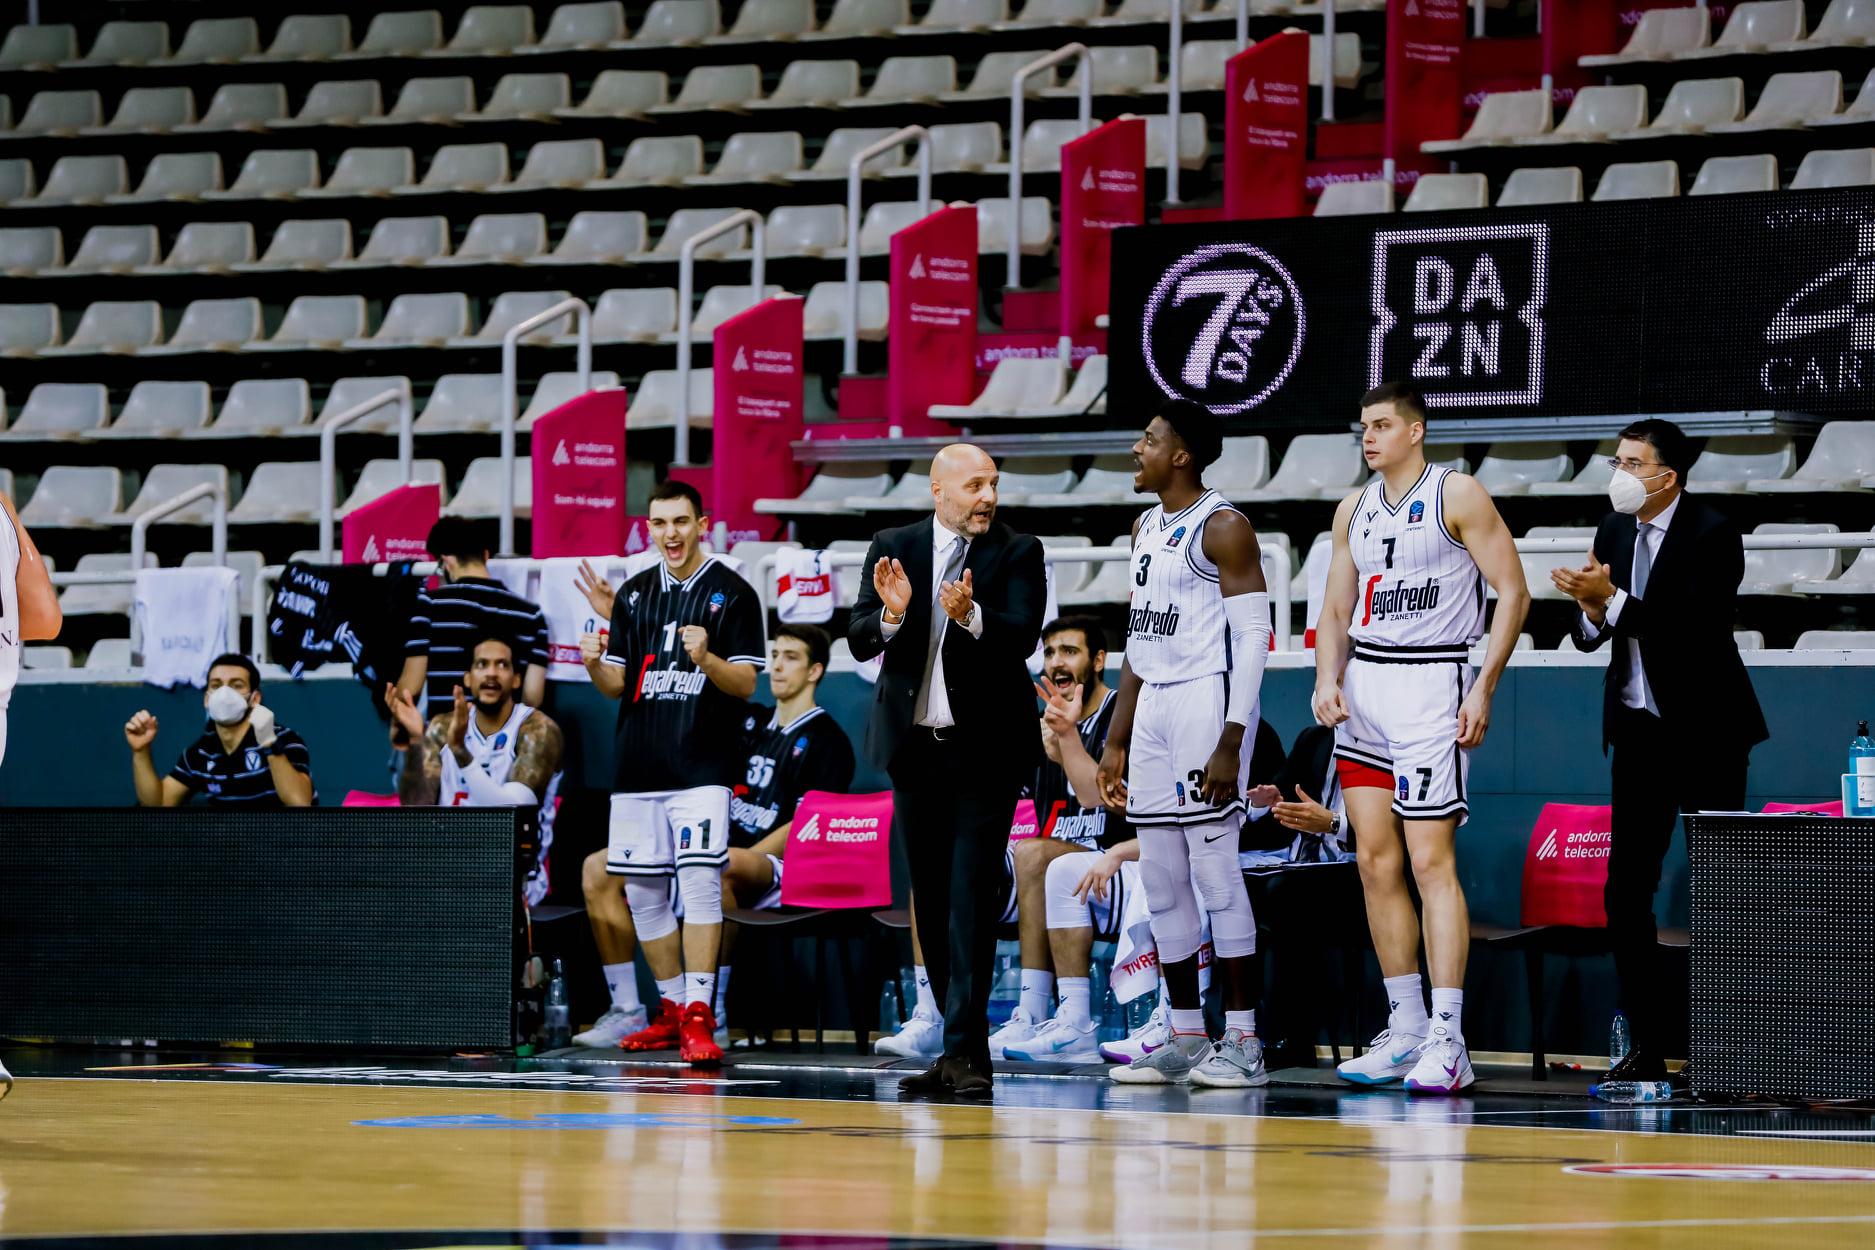 """Virtus Segafredo-Reggio Emilia, le parole di Djordjevic alla vigilia del match: """"Tutti devono avere fame e voglia di affrontare al meglio ogni partita"""""""